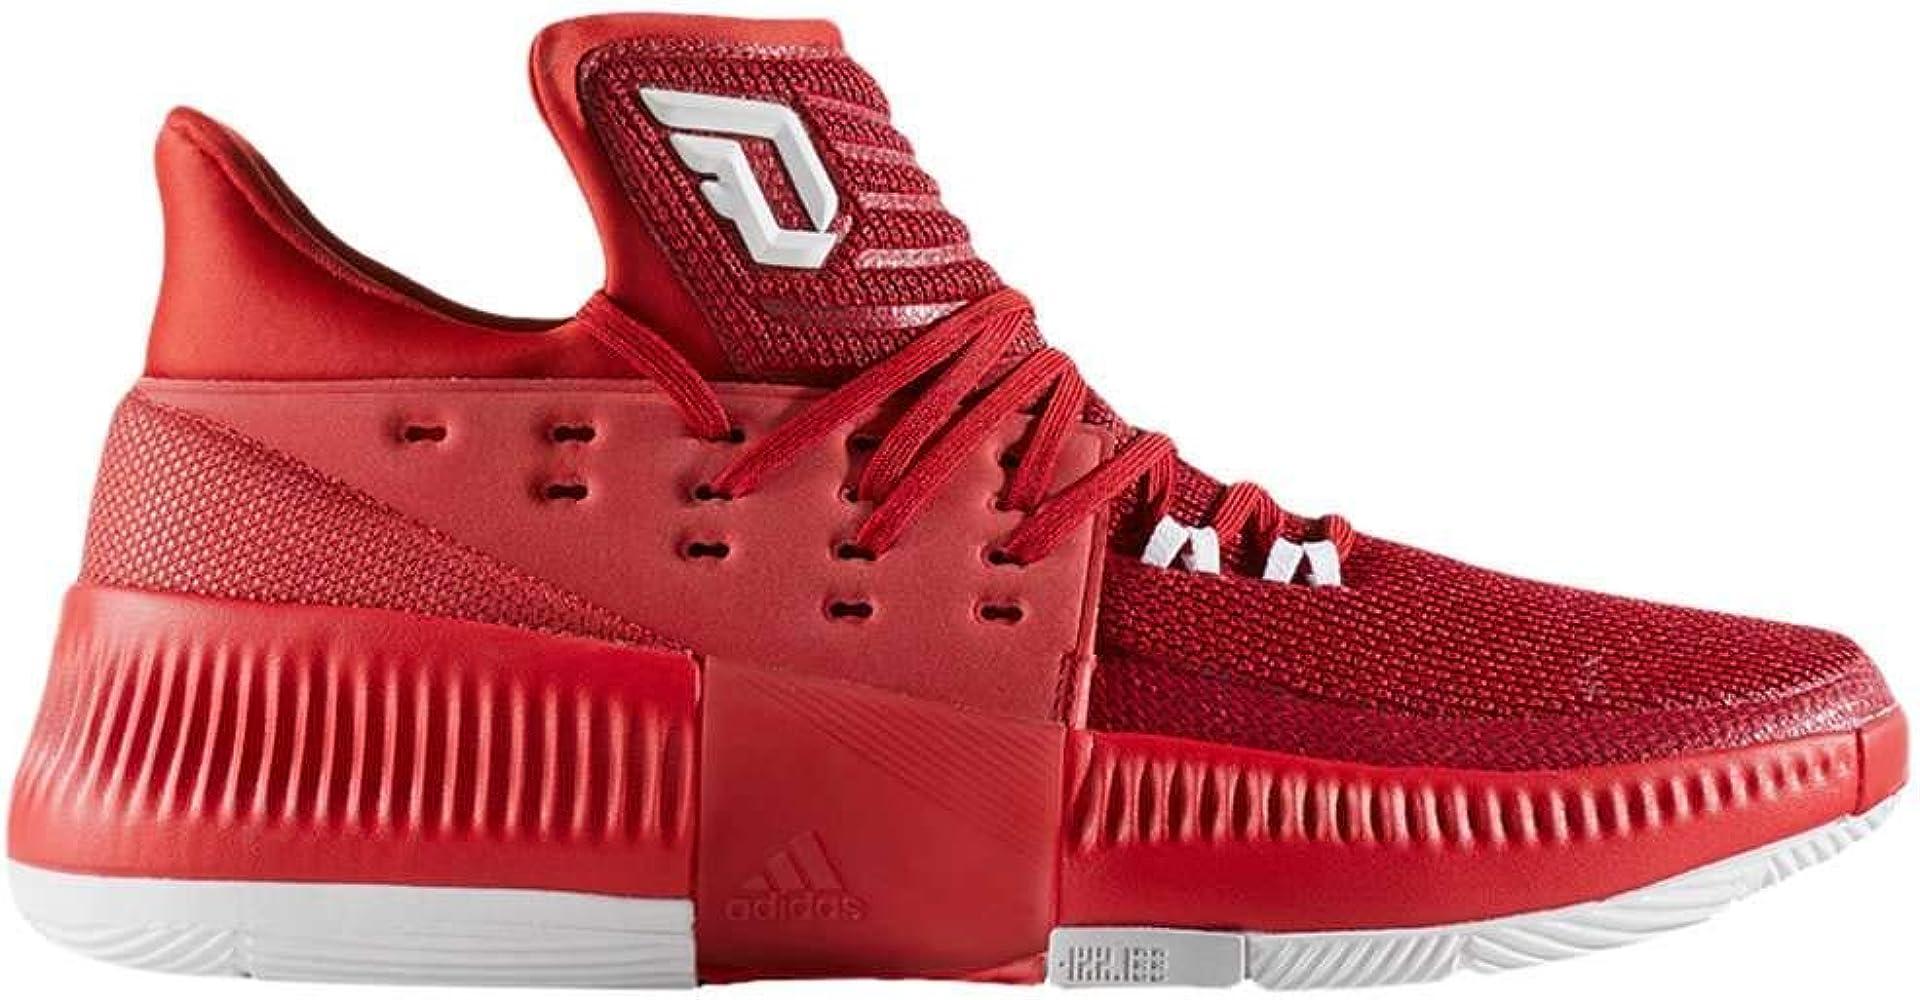 adidas Men's Dame 3 Basketball Shoe Red